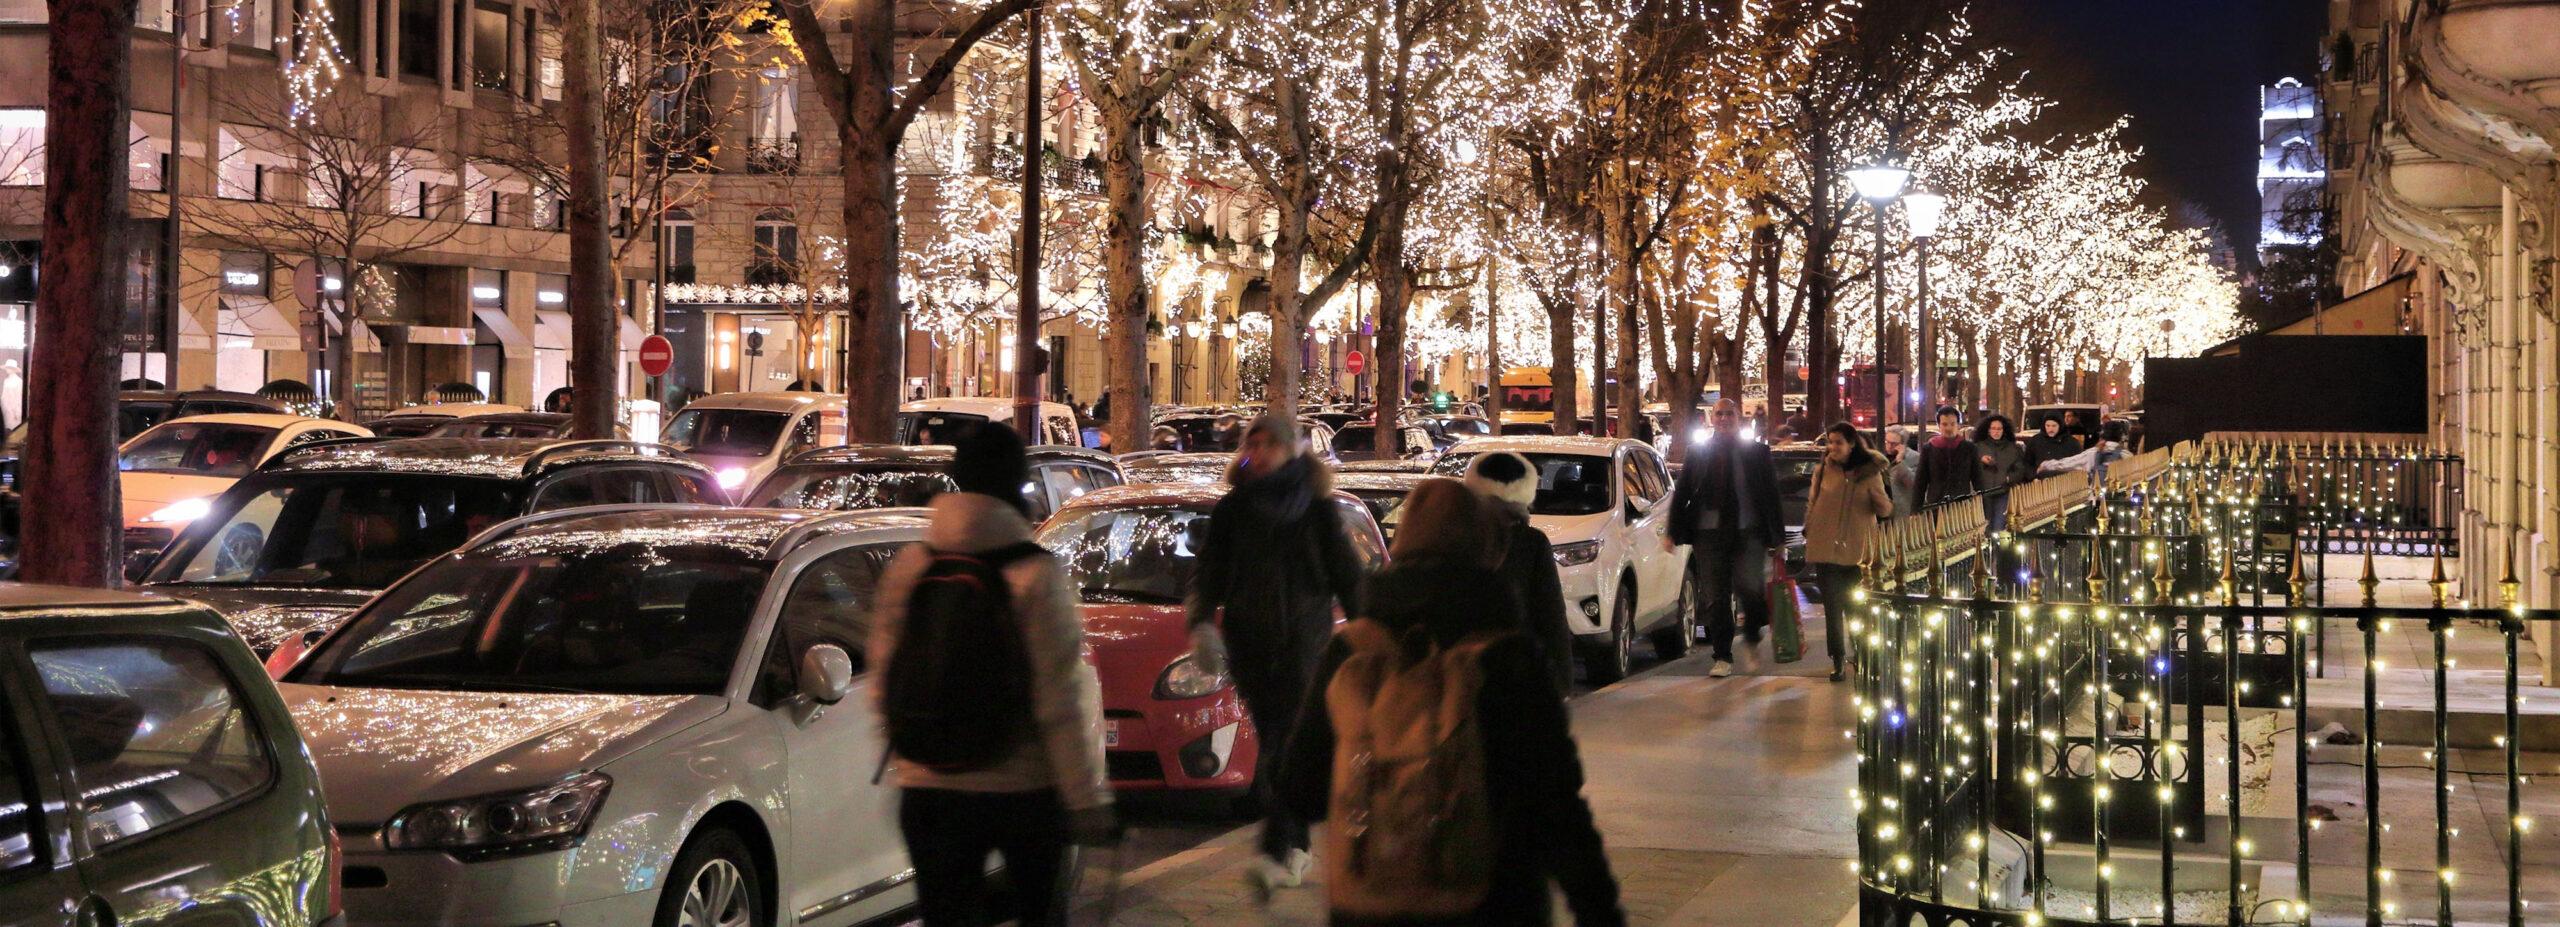 Feire Jul Og Nyttarsaften I Paris Tips Til Hva Dere Kan Gjore